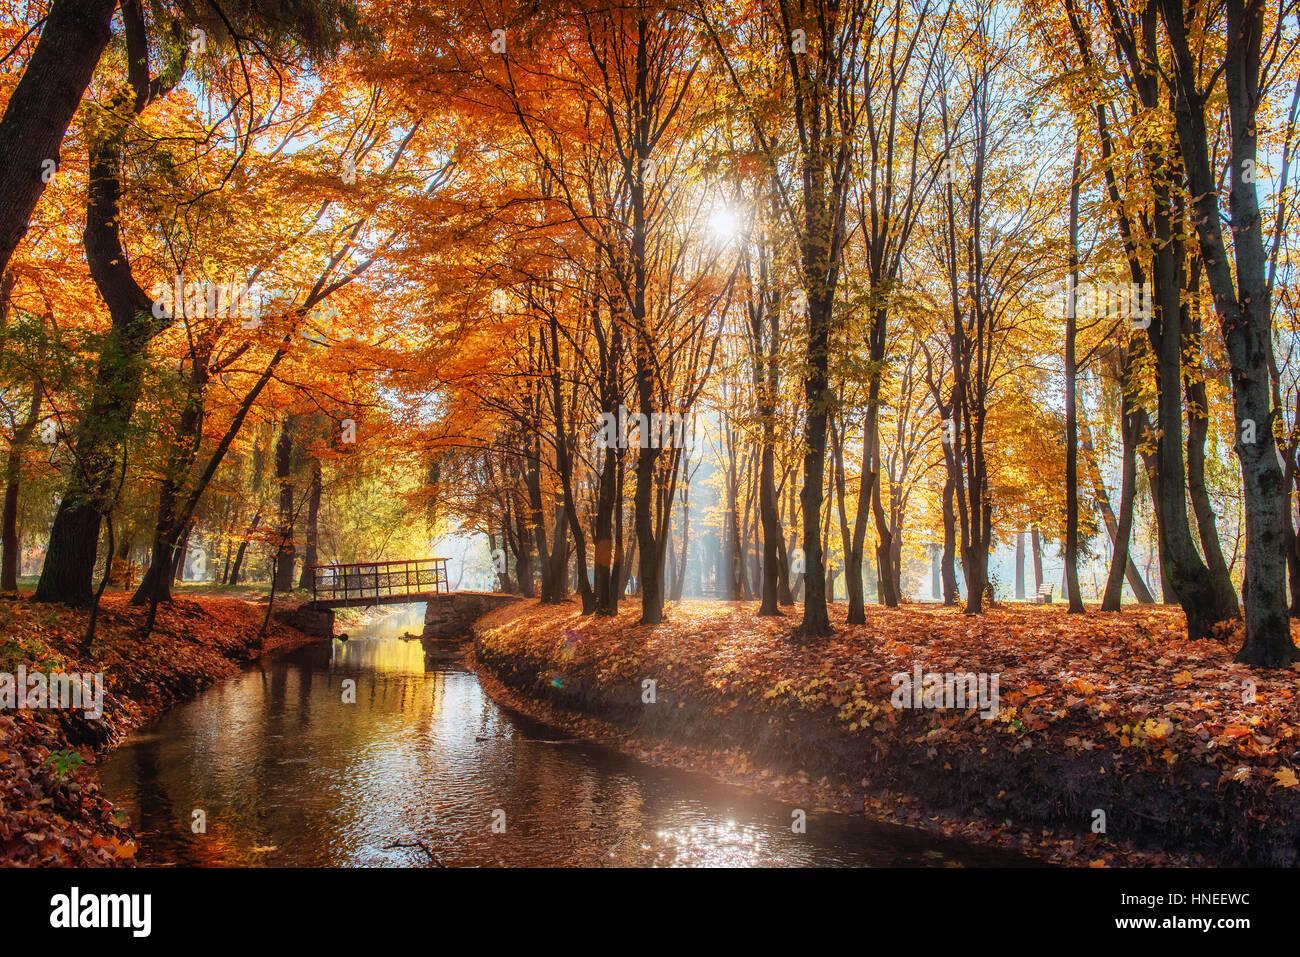 A pie el puente sobre el río con coloridos árboles Imagen De Stock